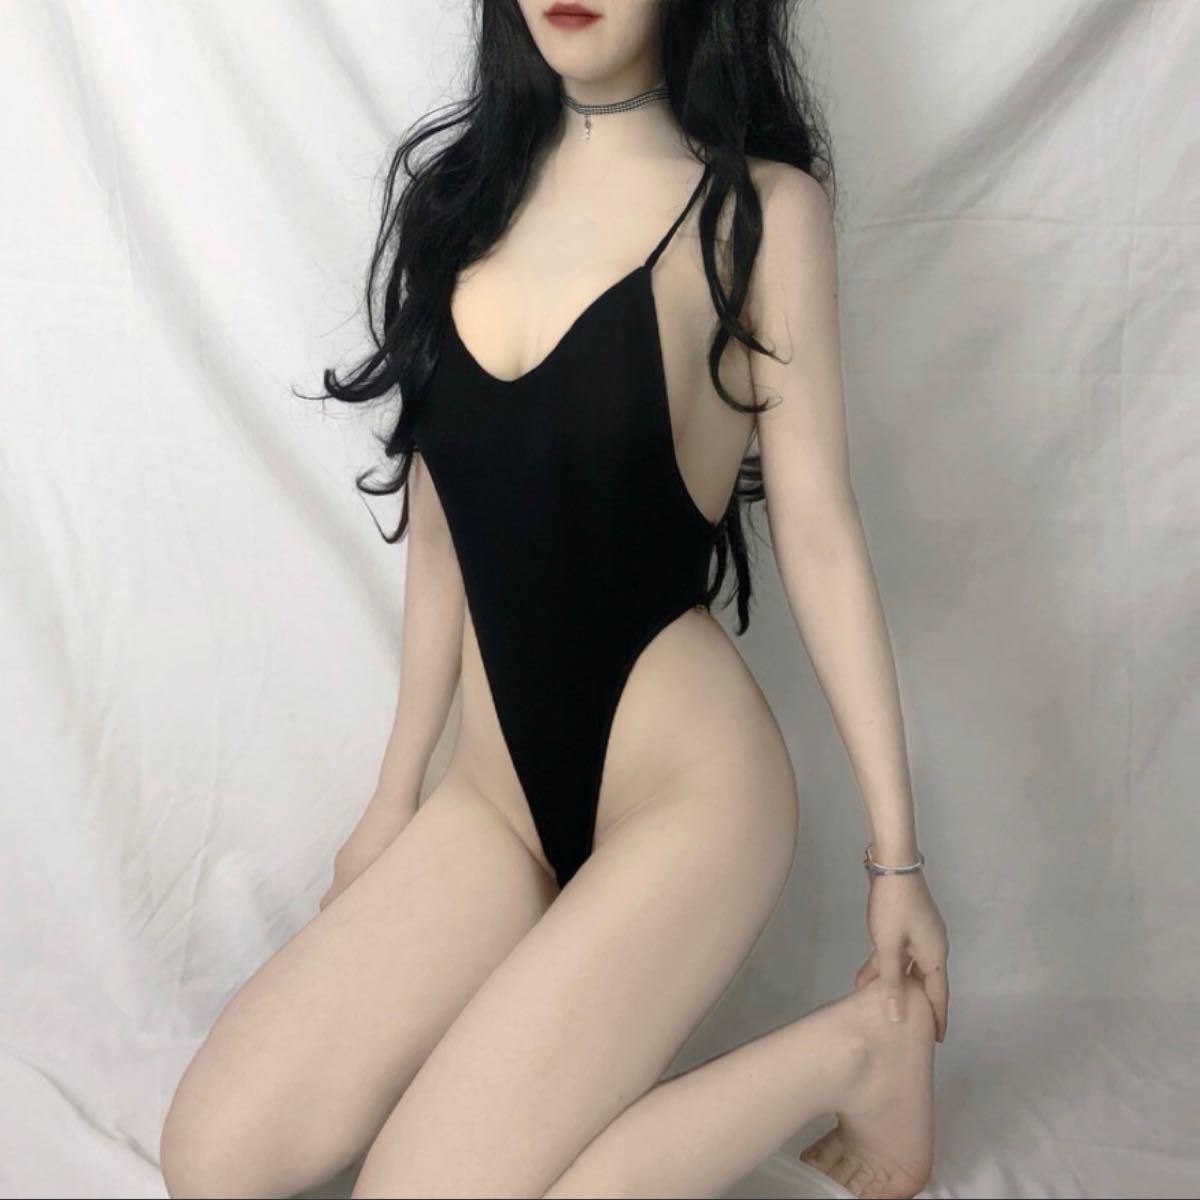 セクシーランジェリー sexy誘惑大胆 オープンクロッチスケスケレオタード風 コスプレ衣装 伸縮性 背中空き美ボディ ブランク